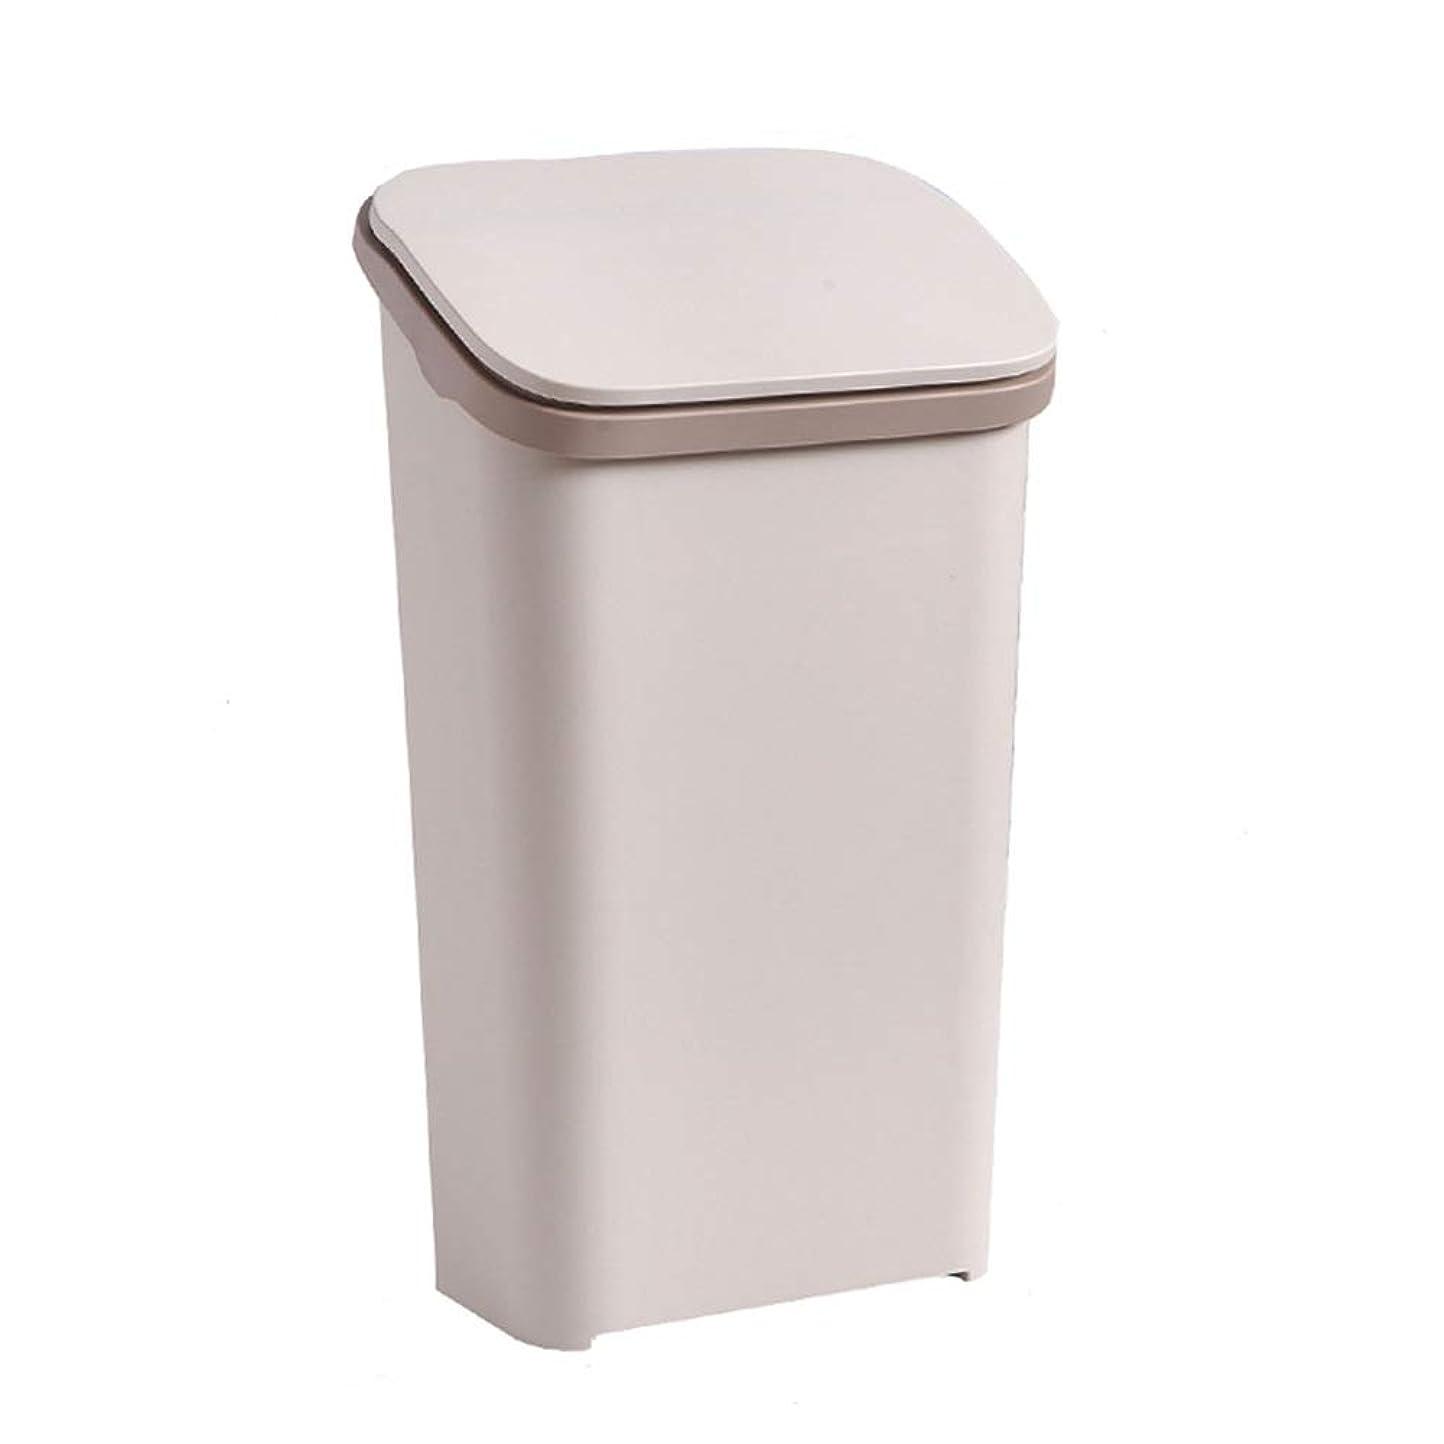 悪党嫉妬カヌーふたが付いている大容量の長方形のプラスチックゴミ箱、白/灰色/茶色(20リットル/ 5.35ガロン) (色 : ブラウン ぶらうん)